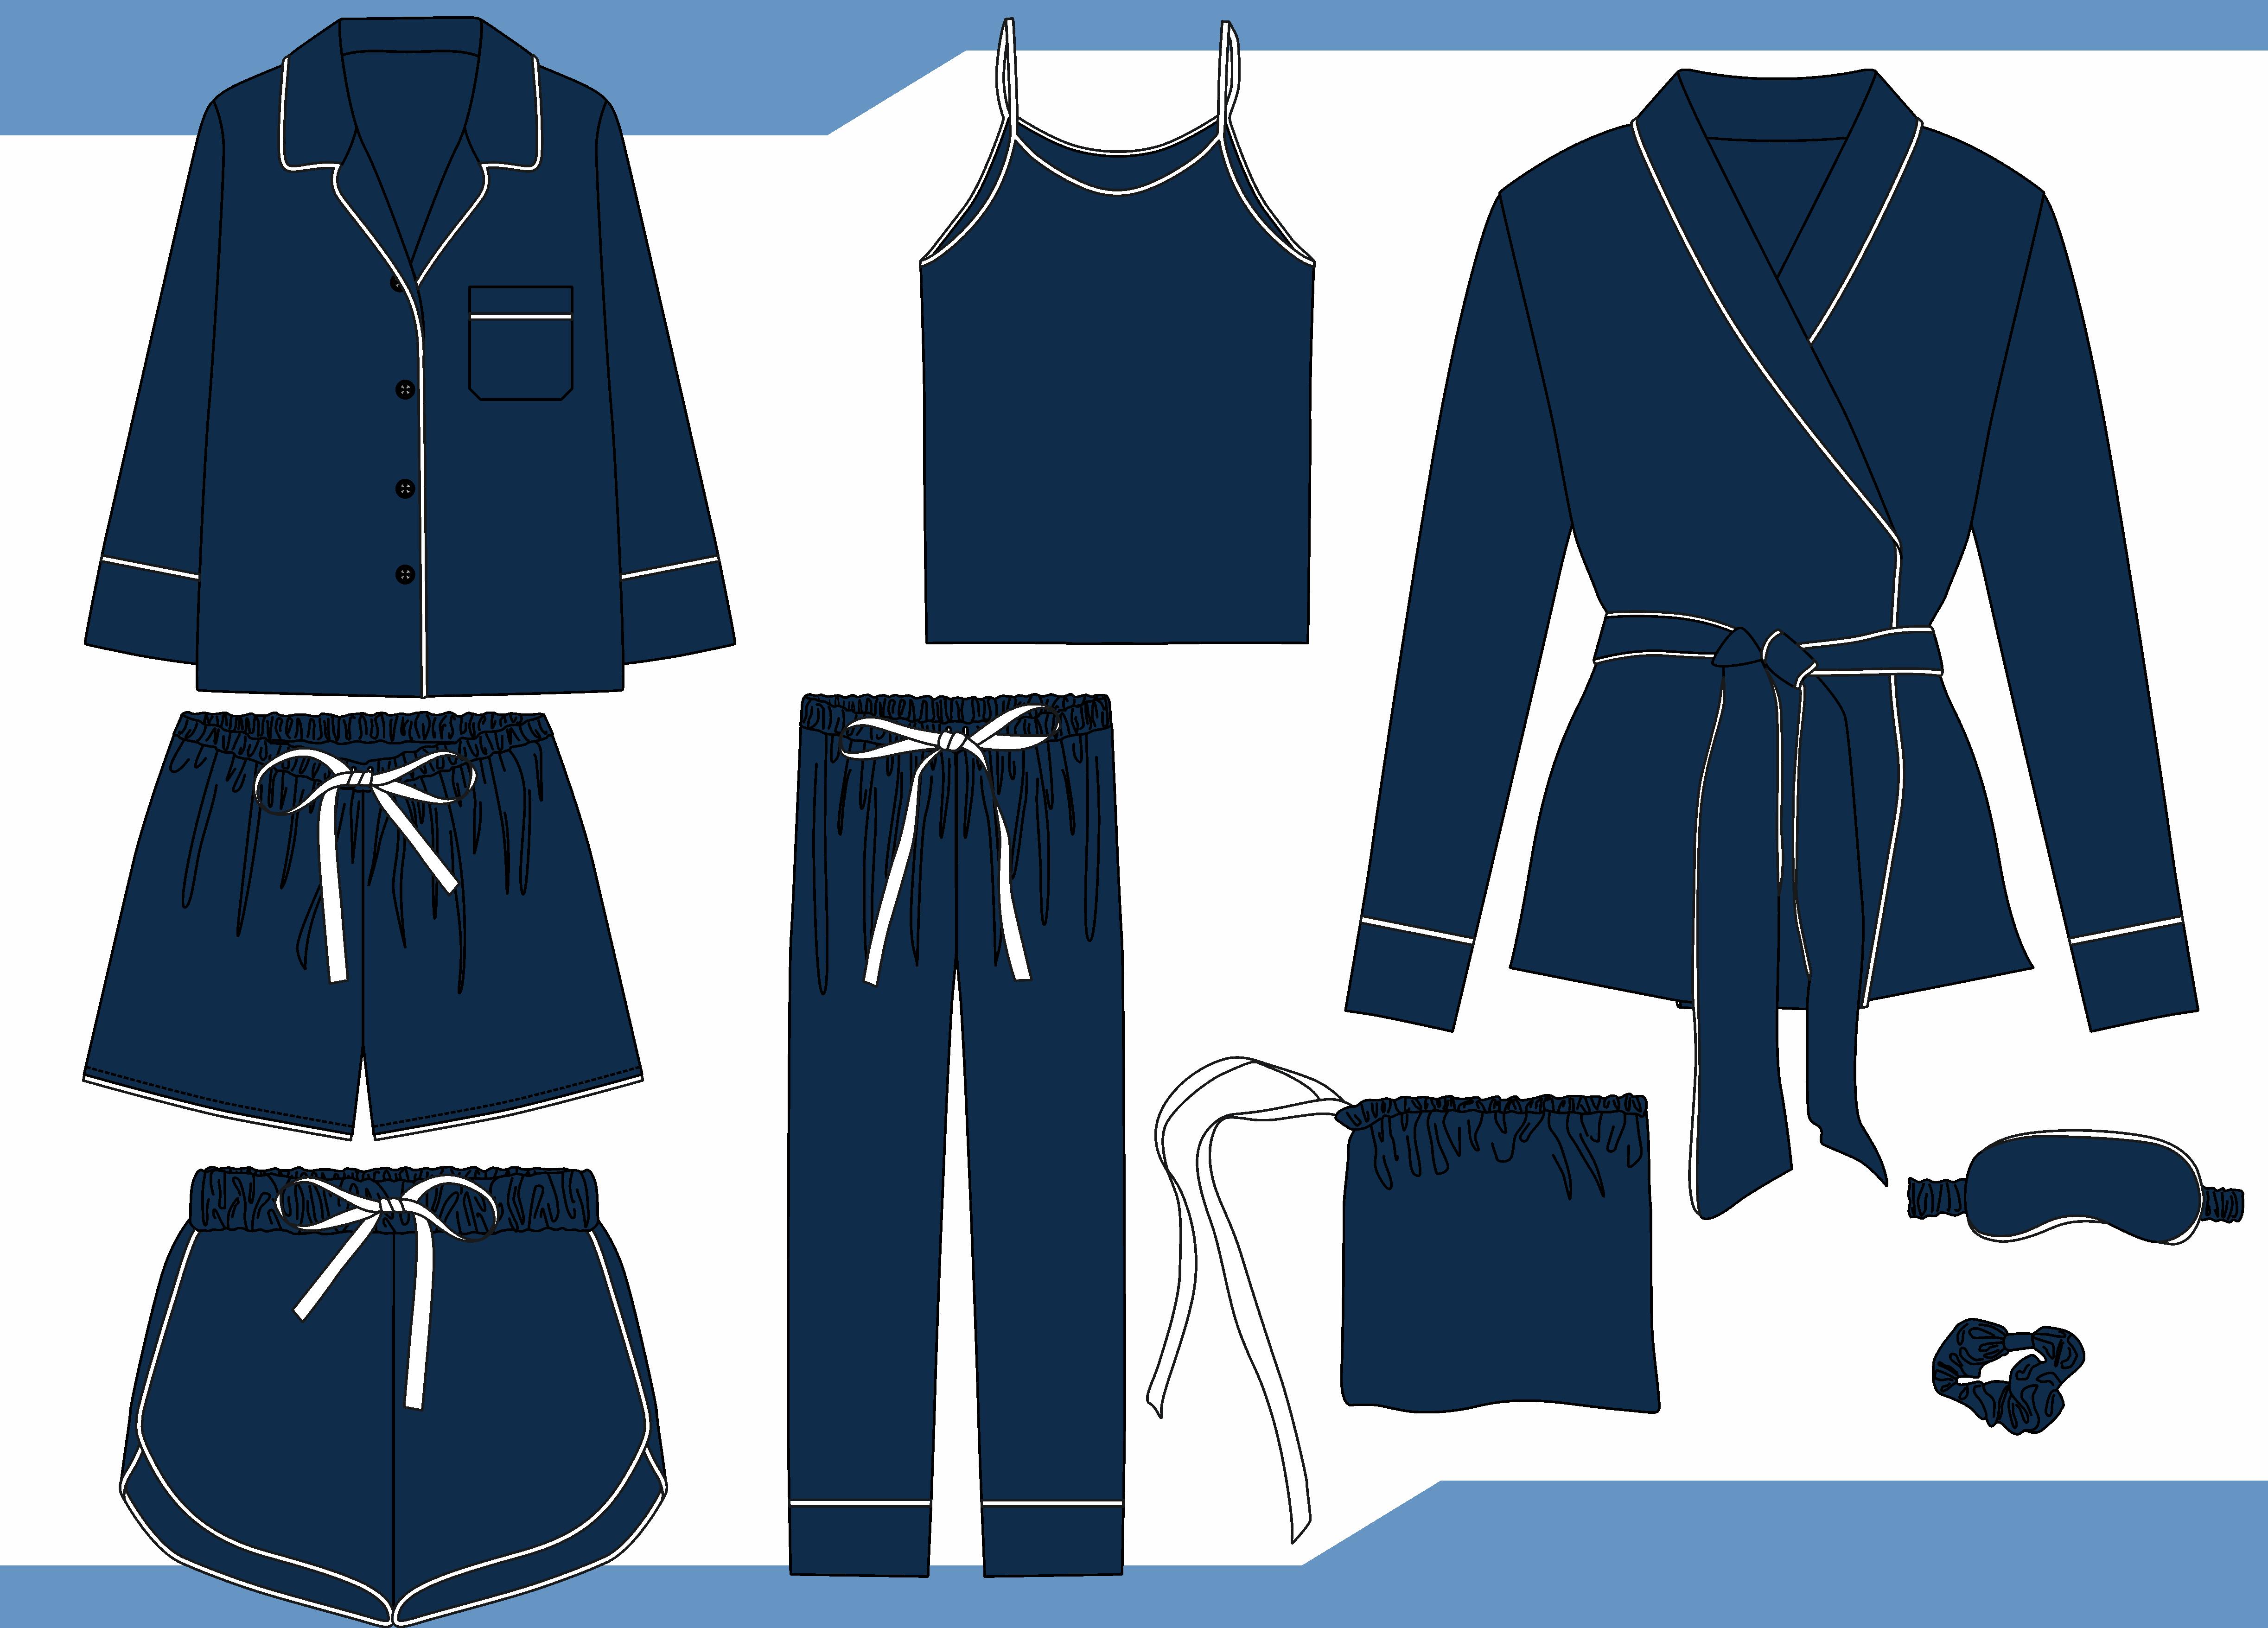 Design Women's Pyjamas for Brand new sleepwear brand